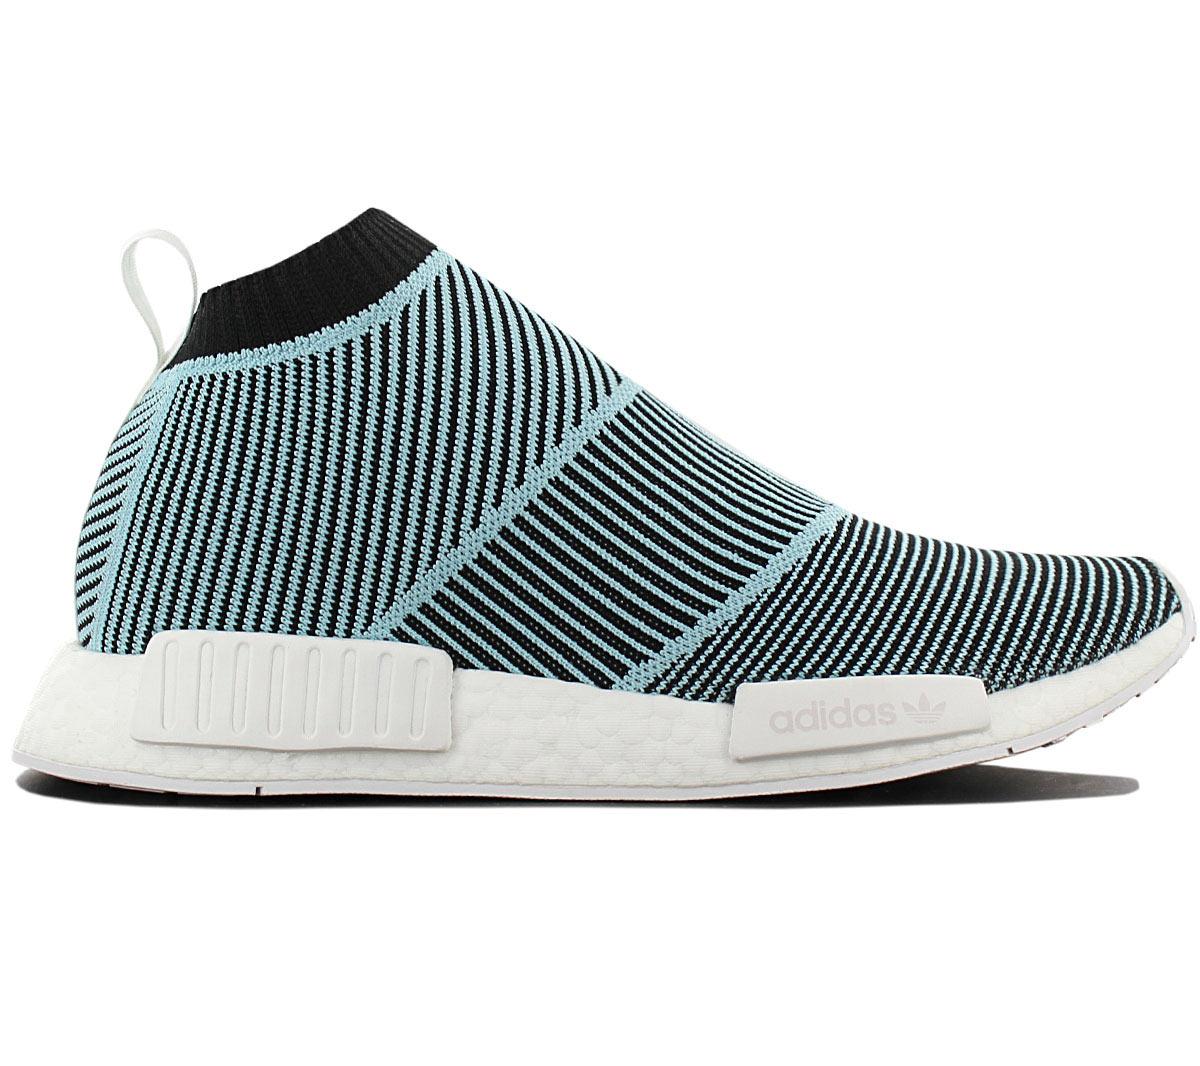 Details zu adidas NMD CS1 Parley PK Primeknit Herren Sneaker AC8597 Schuhe Turnschuhe NEU